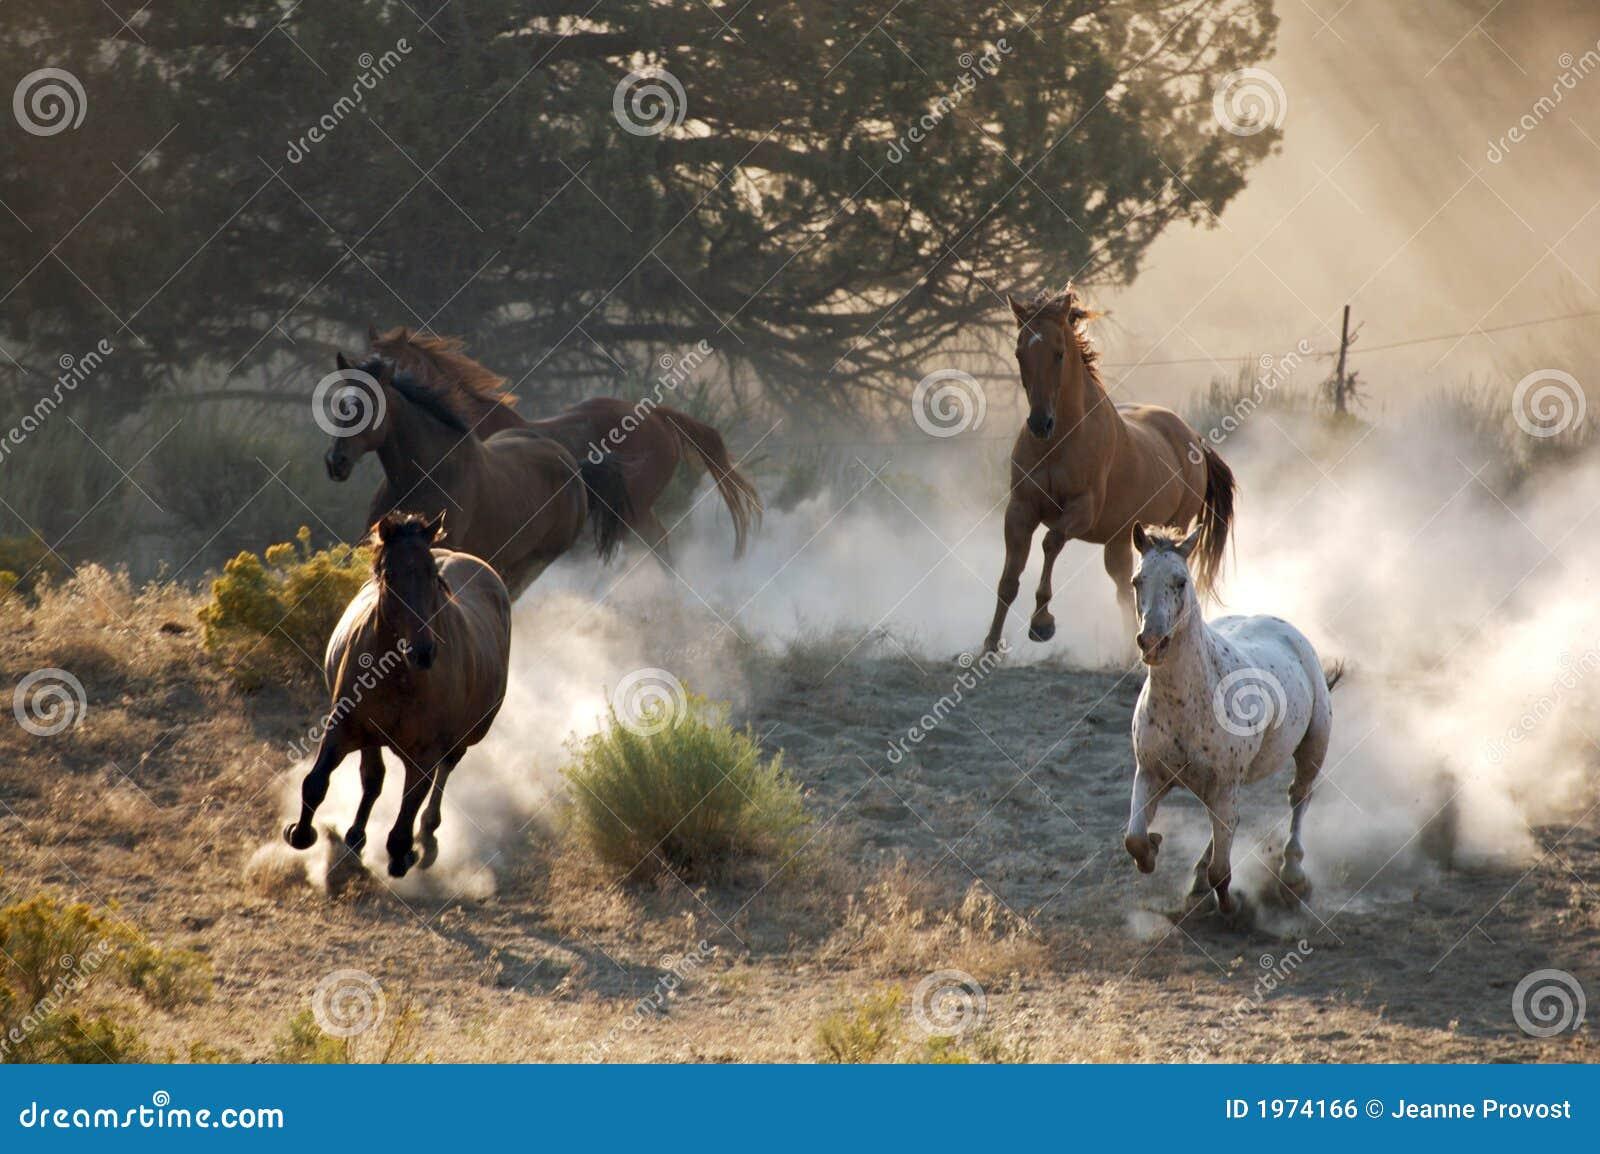 four wild horses 1974166